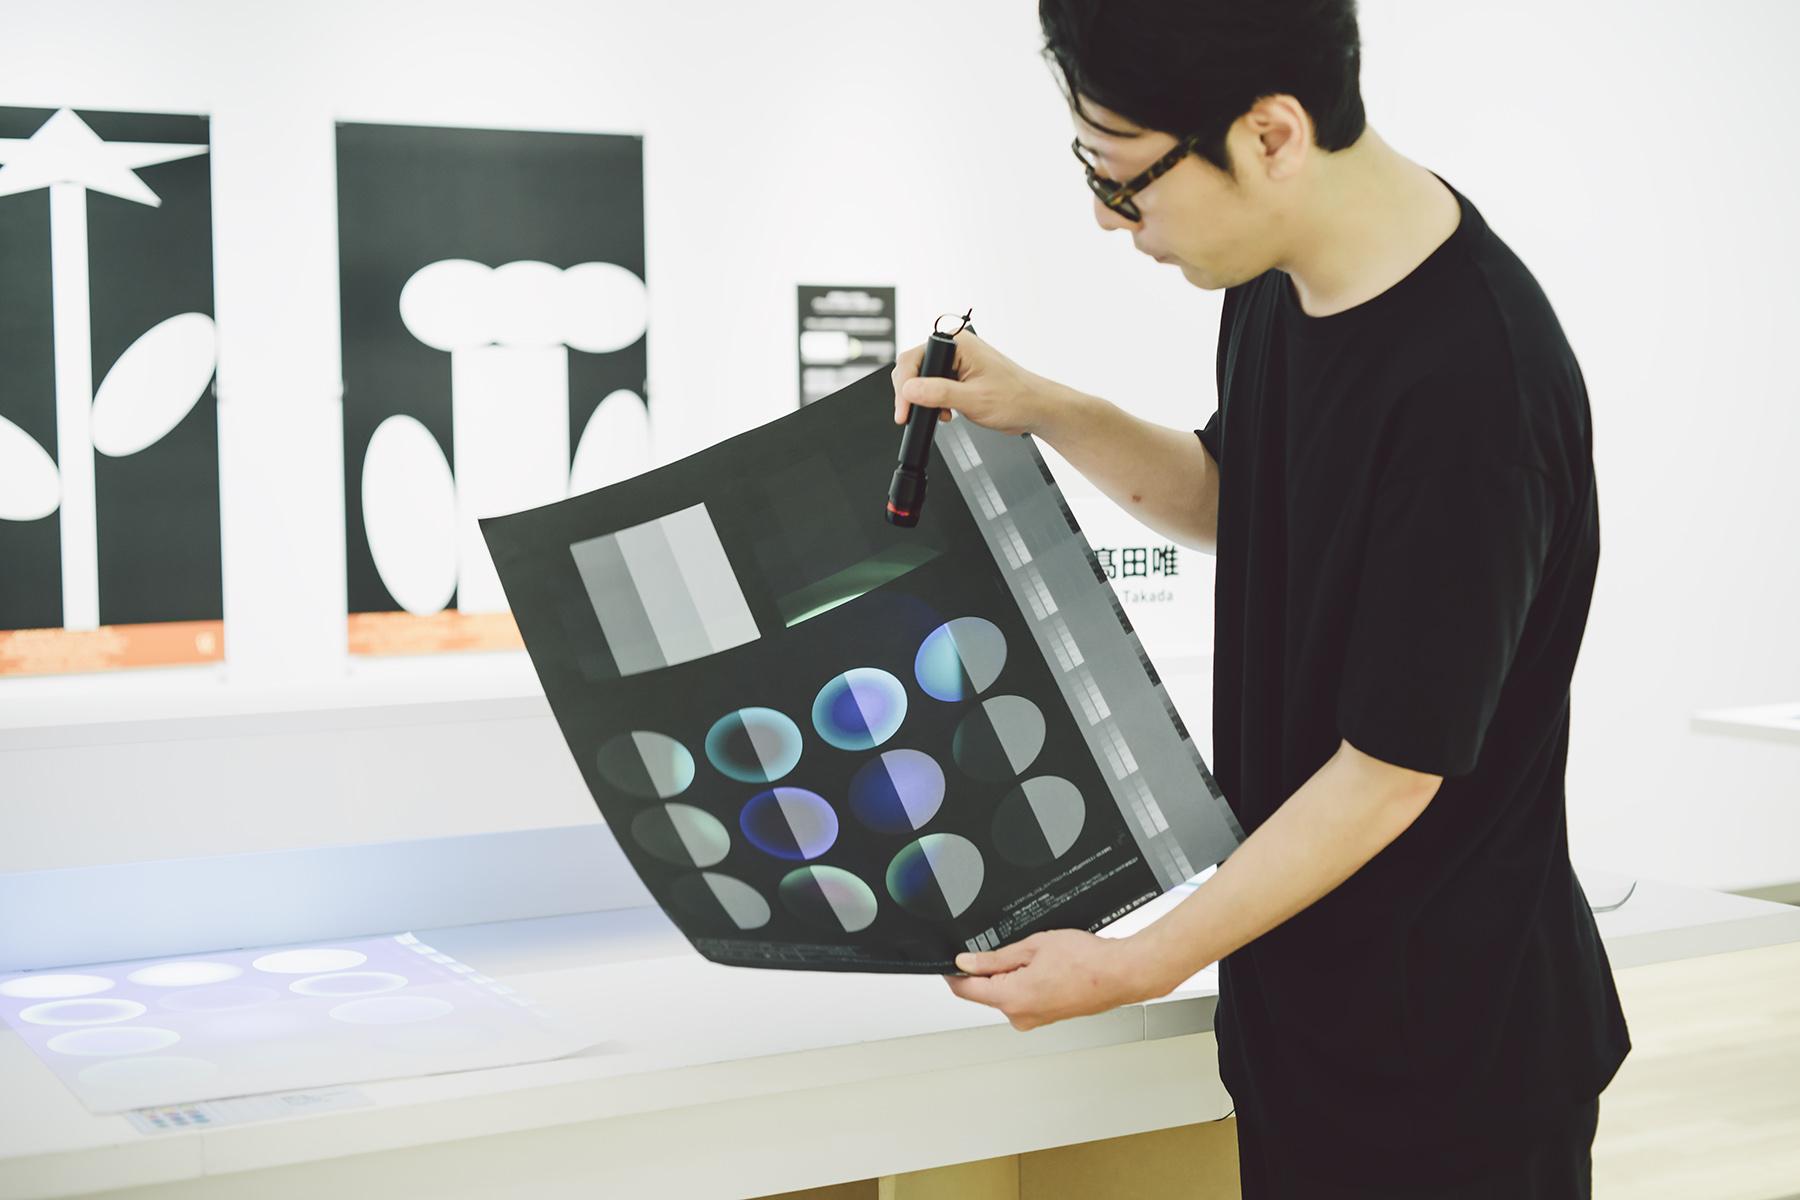 高田唯示範與印刷博物館GRAPHIC TRIAL合作作品「看不見的印刷」,圖像上面的字樣和顏色,需要經過紫光燈照射才會顯現。